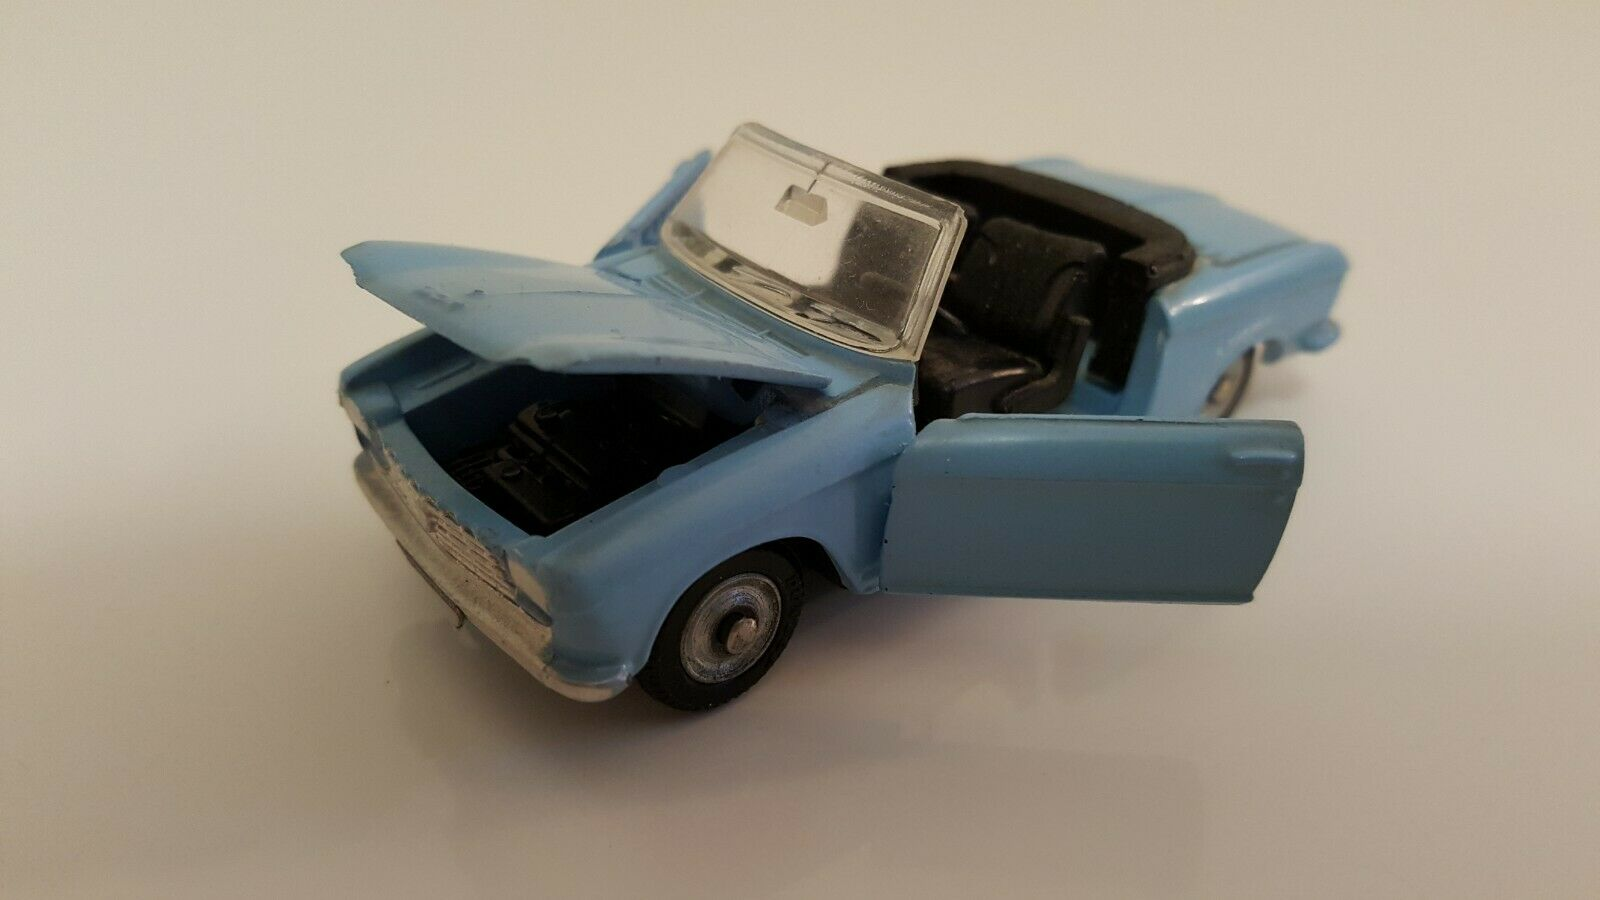 excelentes precios Dinky Juguetes - 511 - Peugeot 204 204 204 Cabriolet VN Mint  diseño simple y generoso